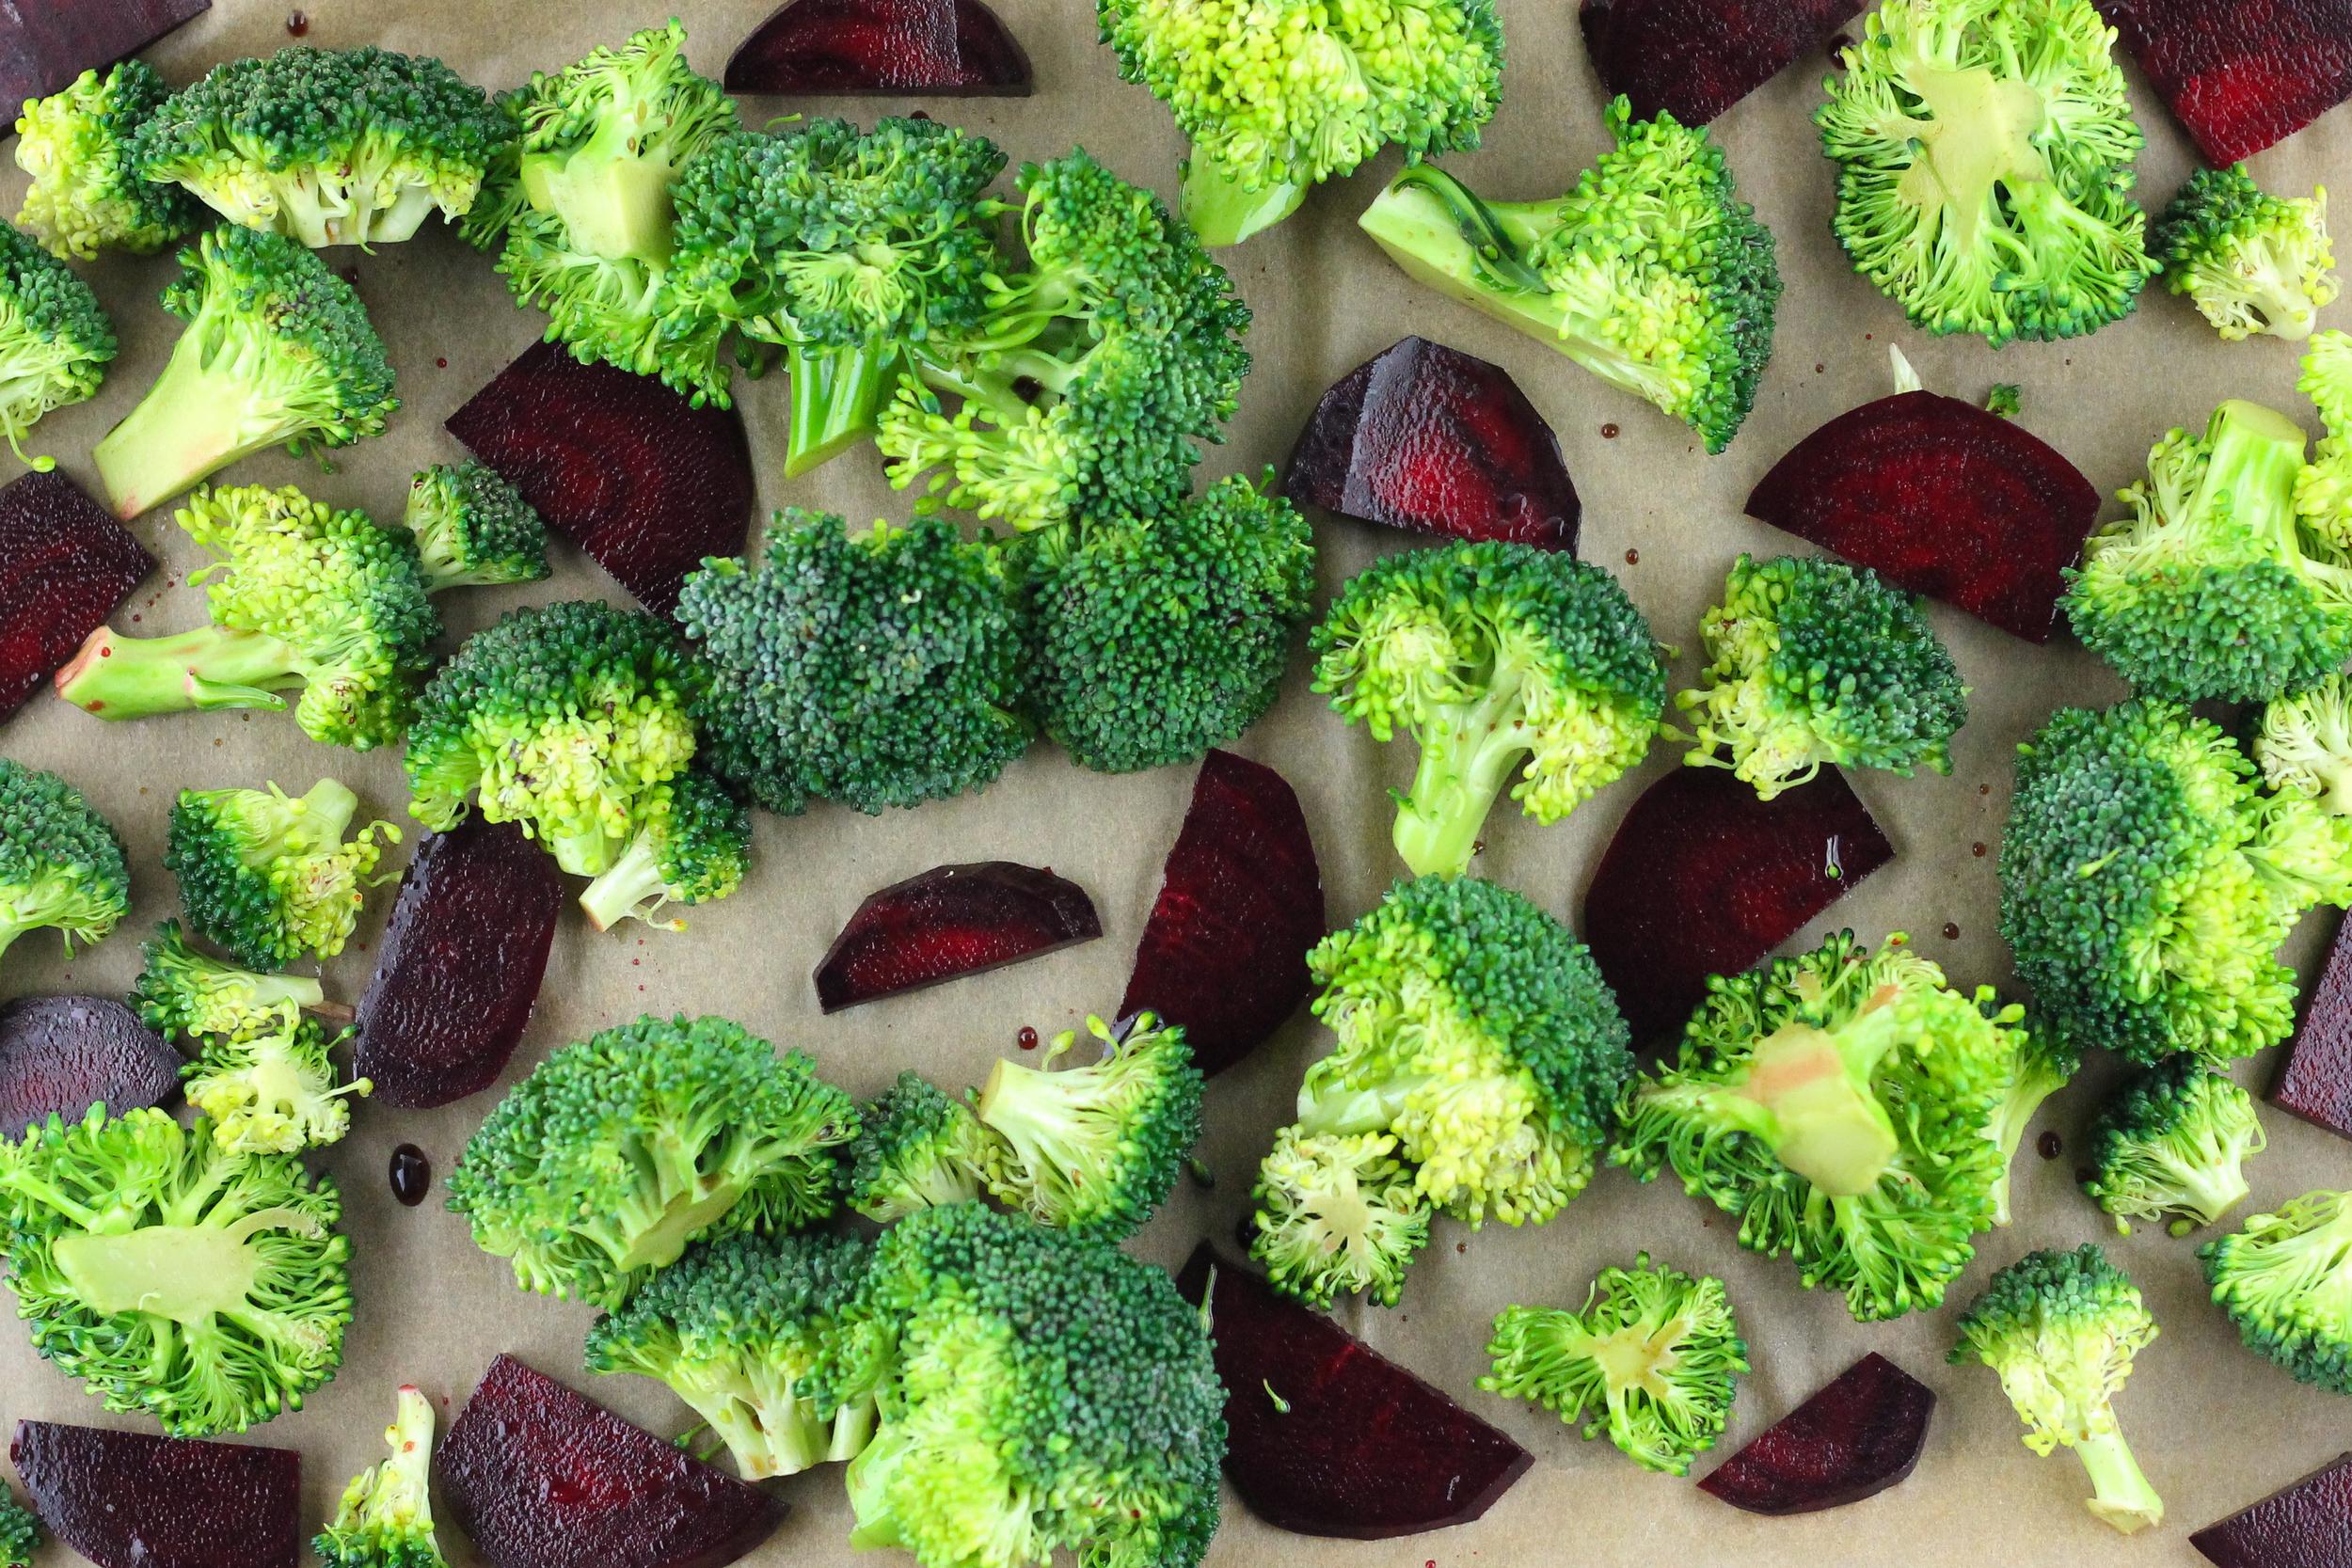 Oven Roasted Vegetables, Paleo, Primal, Gluten Free, Paleo Sides, Broccoli